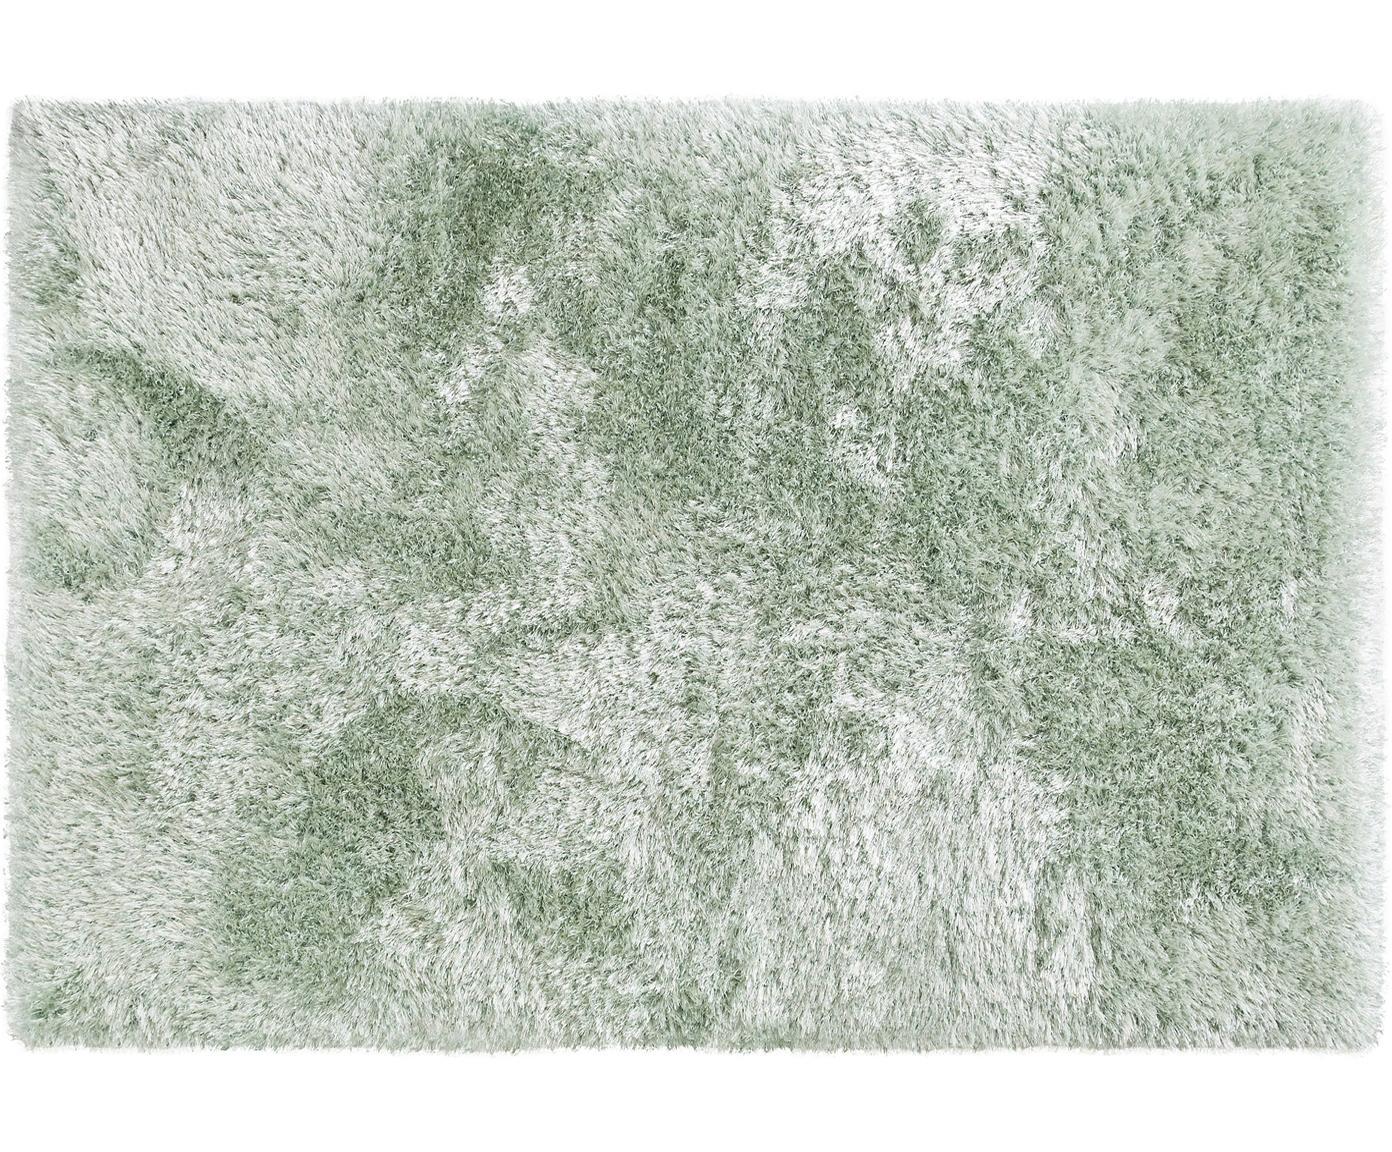 Alfombra de pelo largo Lea, 50%poliéster, 50%polipropileno, Verde, An 140 x L 200 cm (Tamaño S)